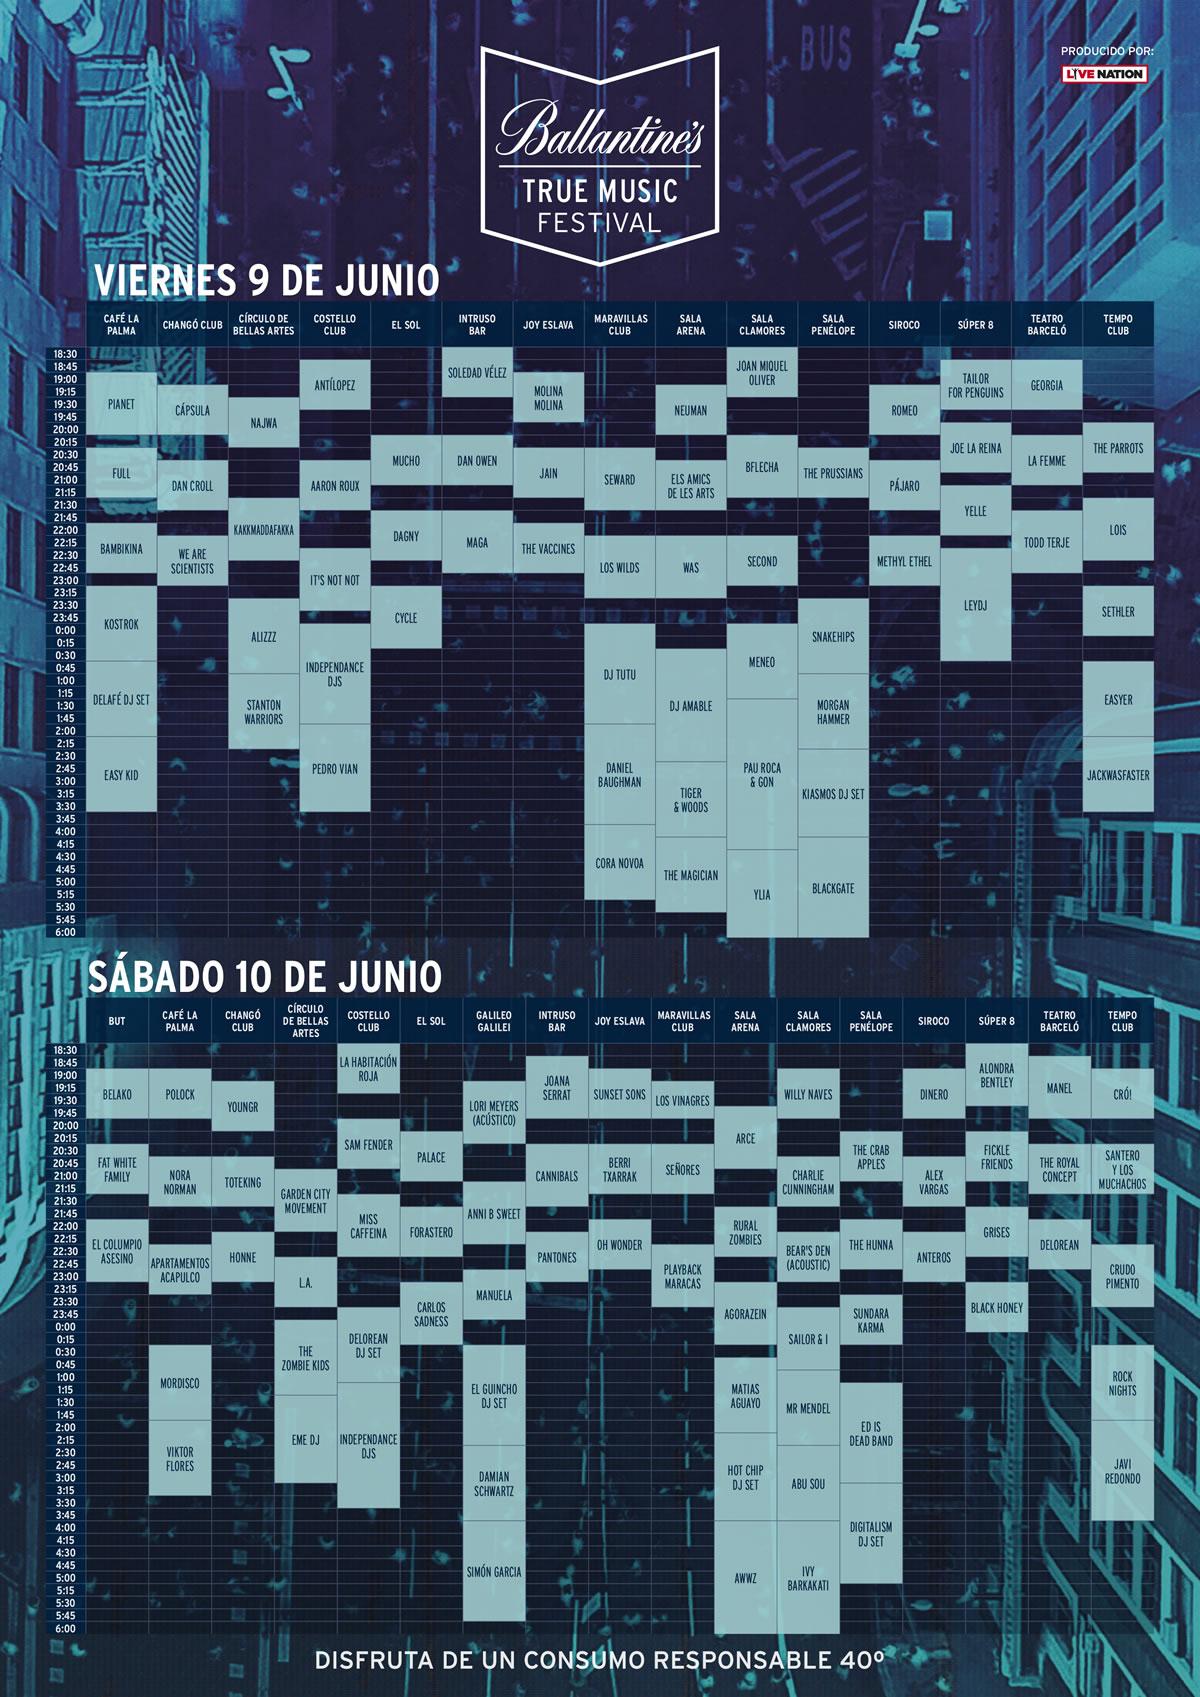 Horarios_Ballantines True Music Festival_nrfmagazine